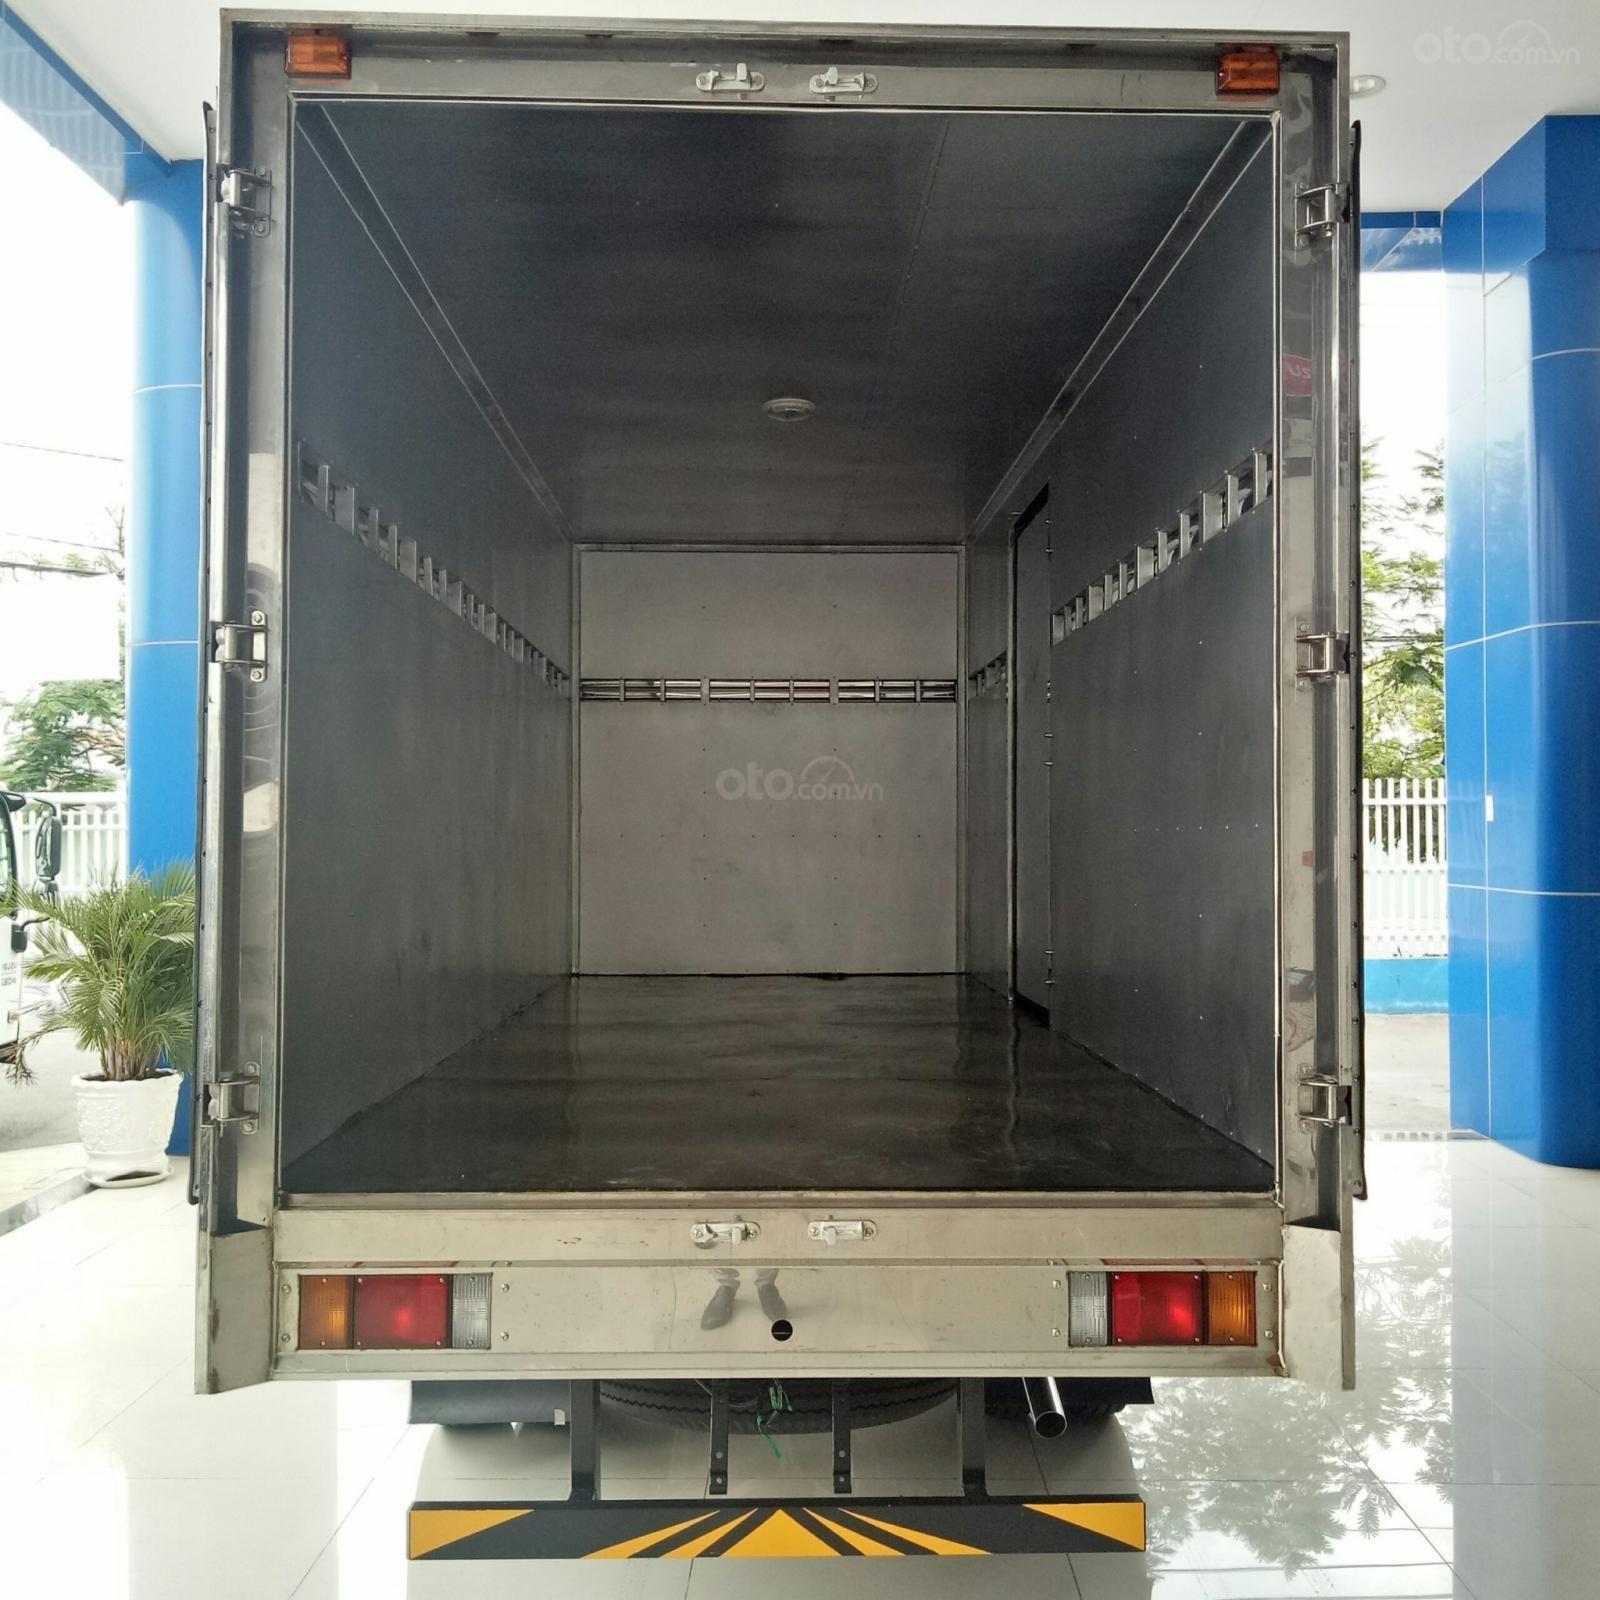 Bán xe tải Isuzu 2.4 tấn thùng kín dài 4m4, có xe giao ngay, hỗ trợ vay 90% lãi suất thấp (4)